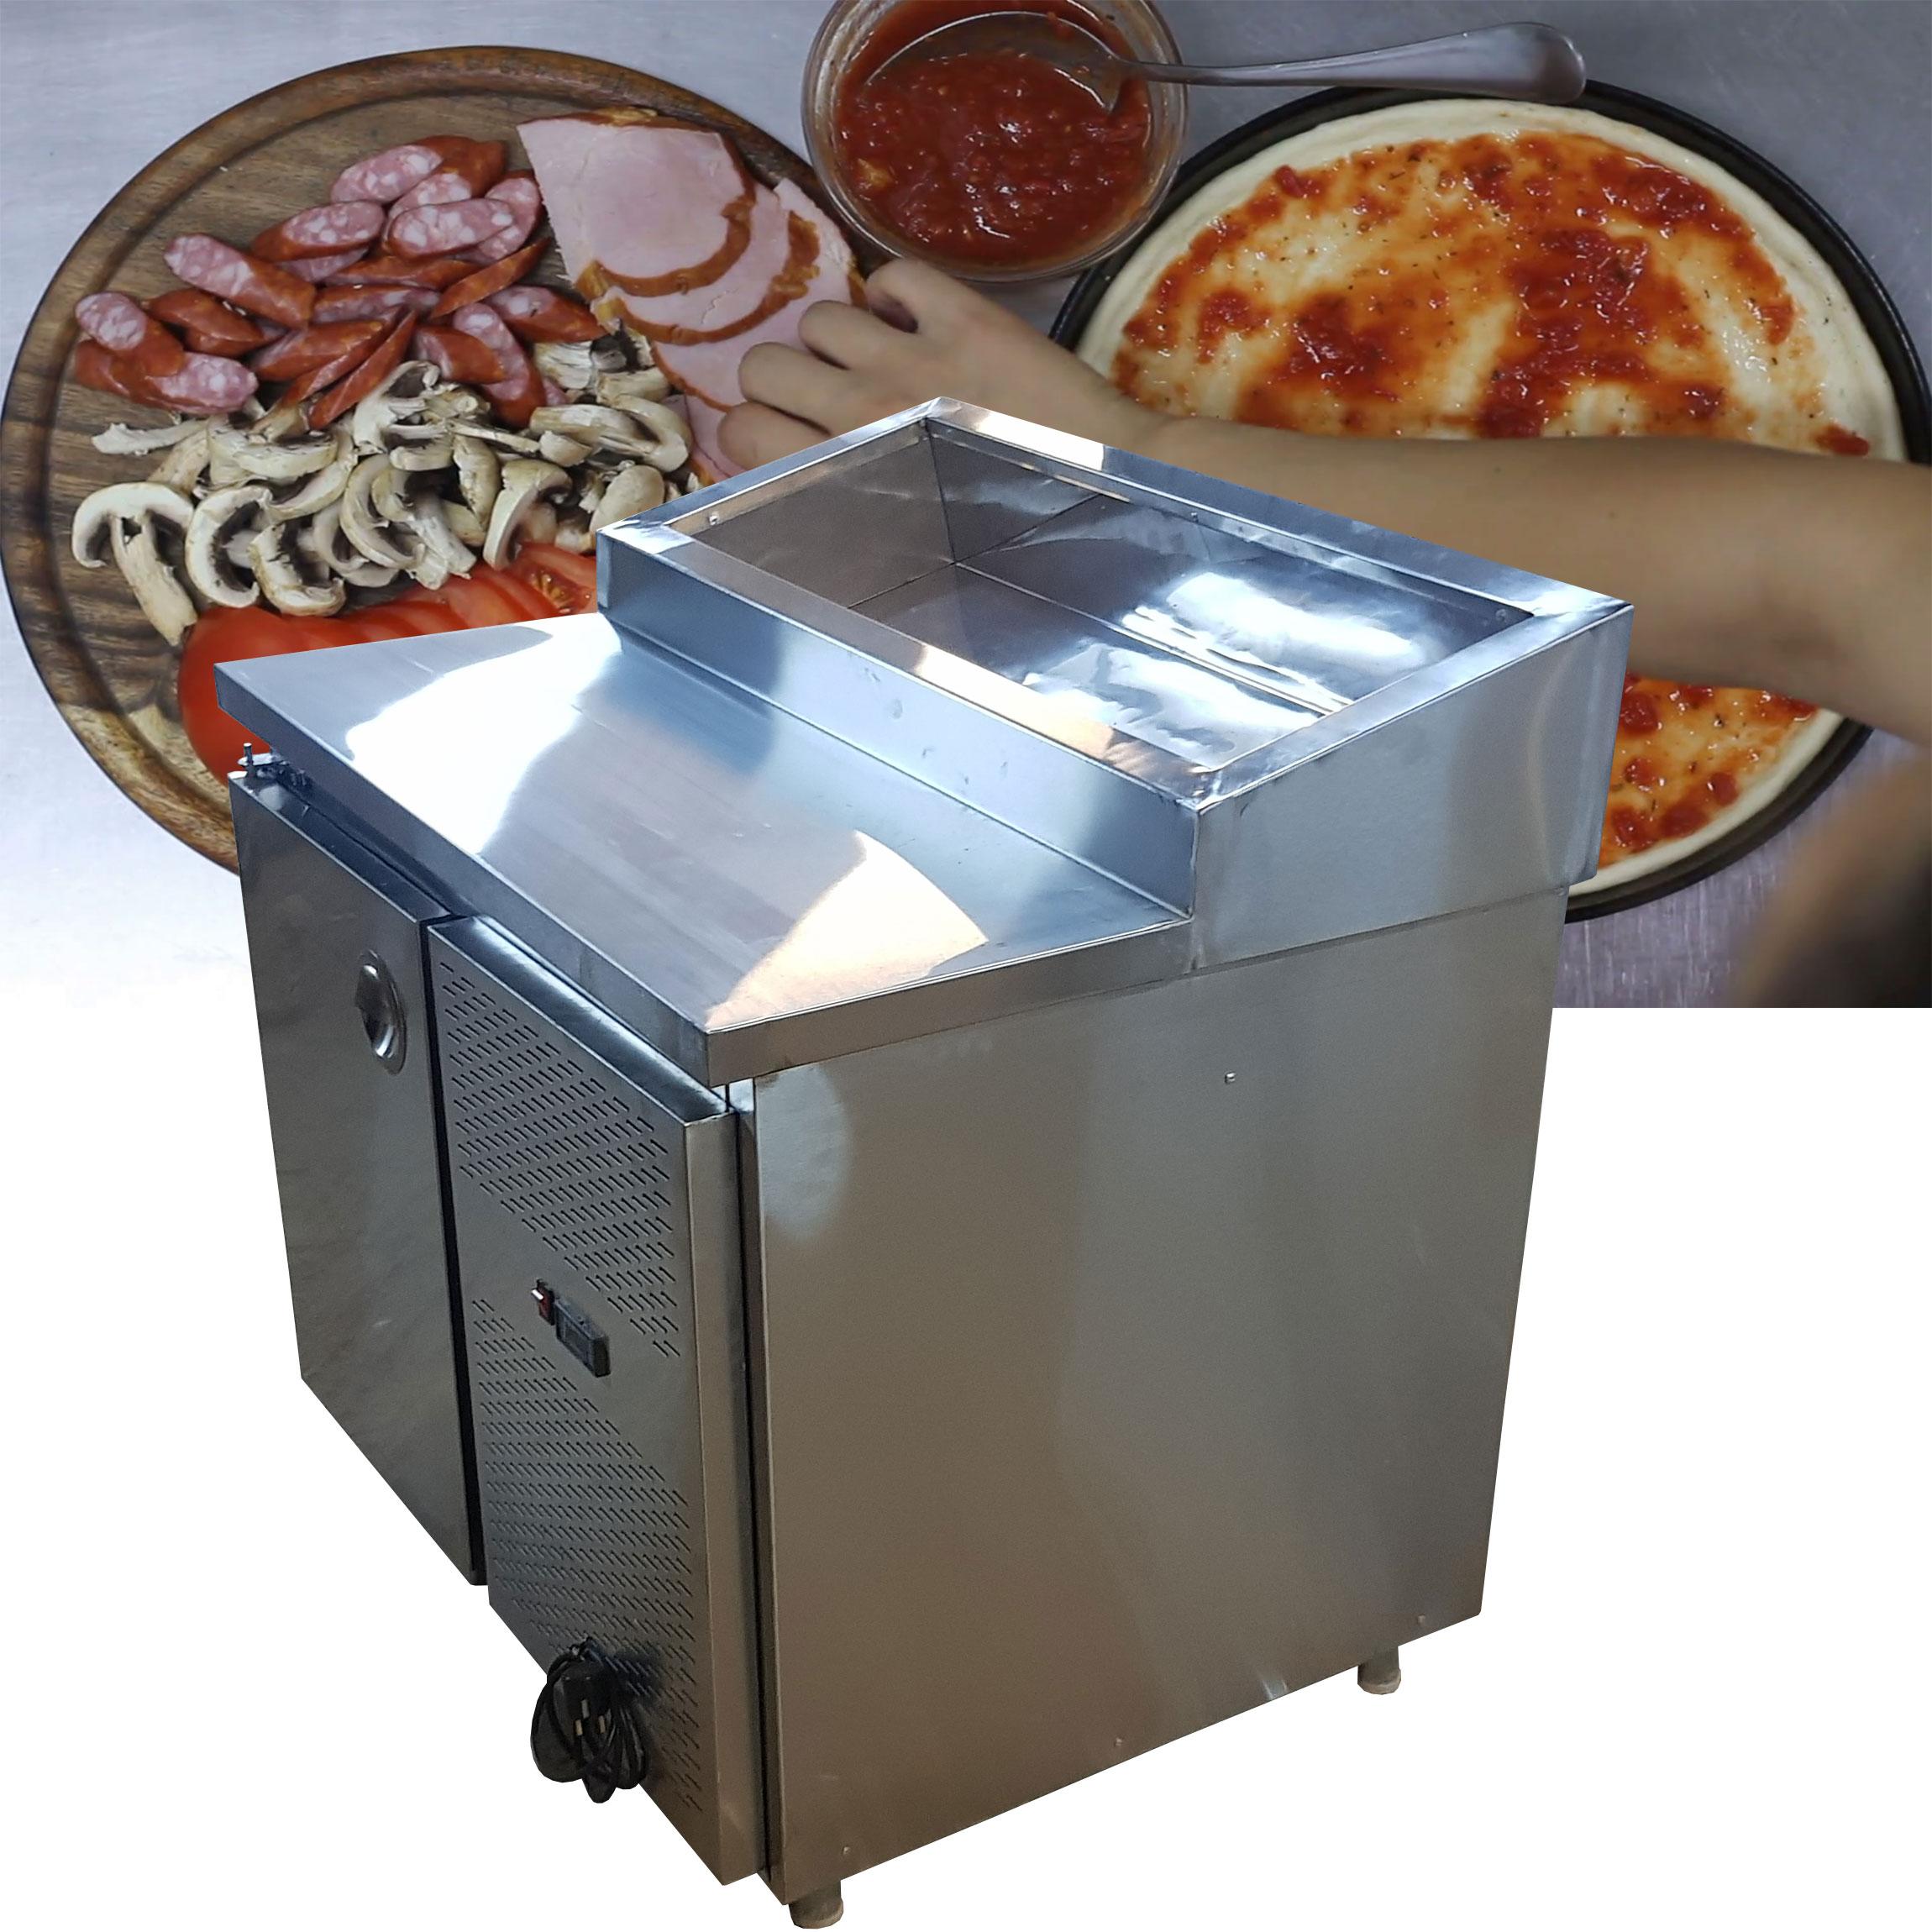 تاپینگ فست فود پیتزا فروشی چیست ؟